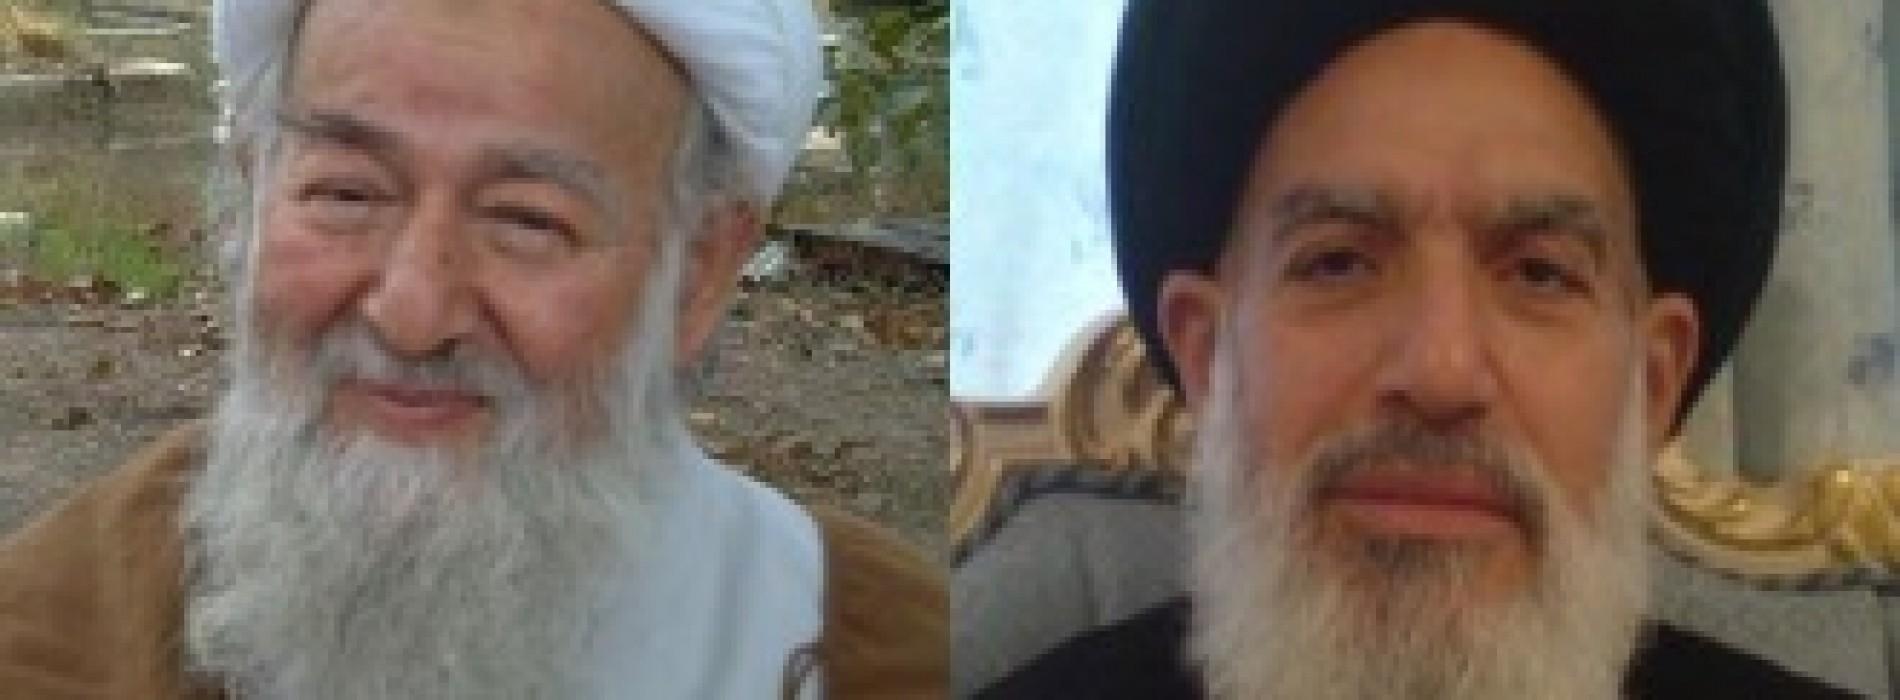 Ayatollah Muhammad Shahabadi and Ayatollah Ali Milani Pass Away